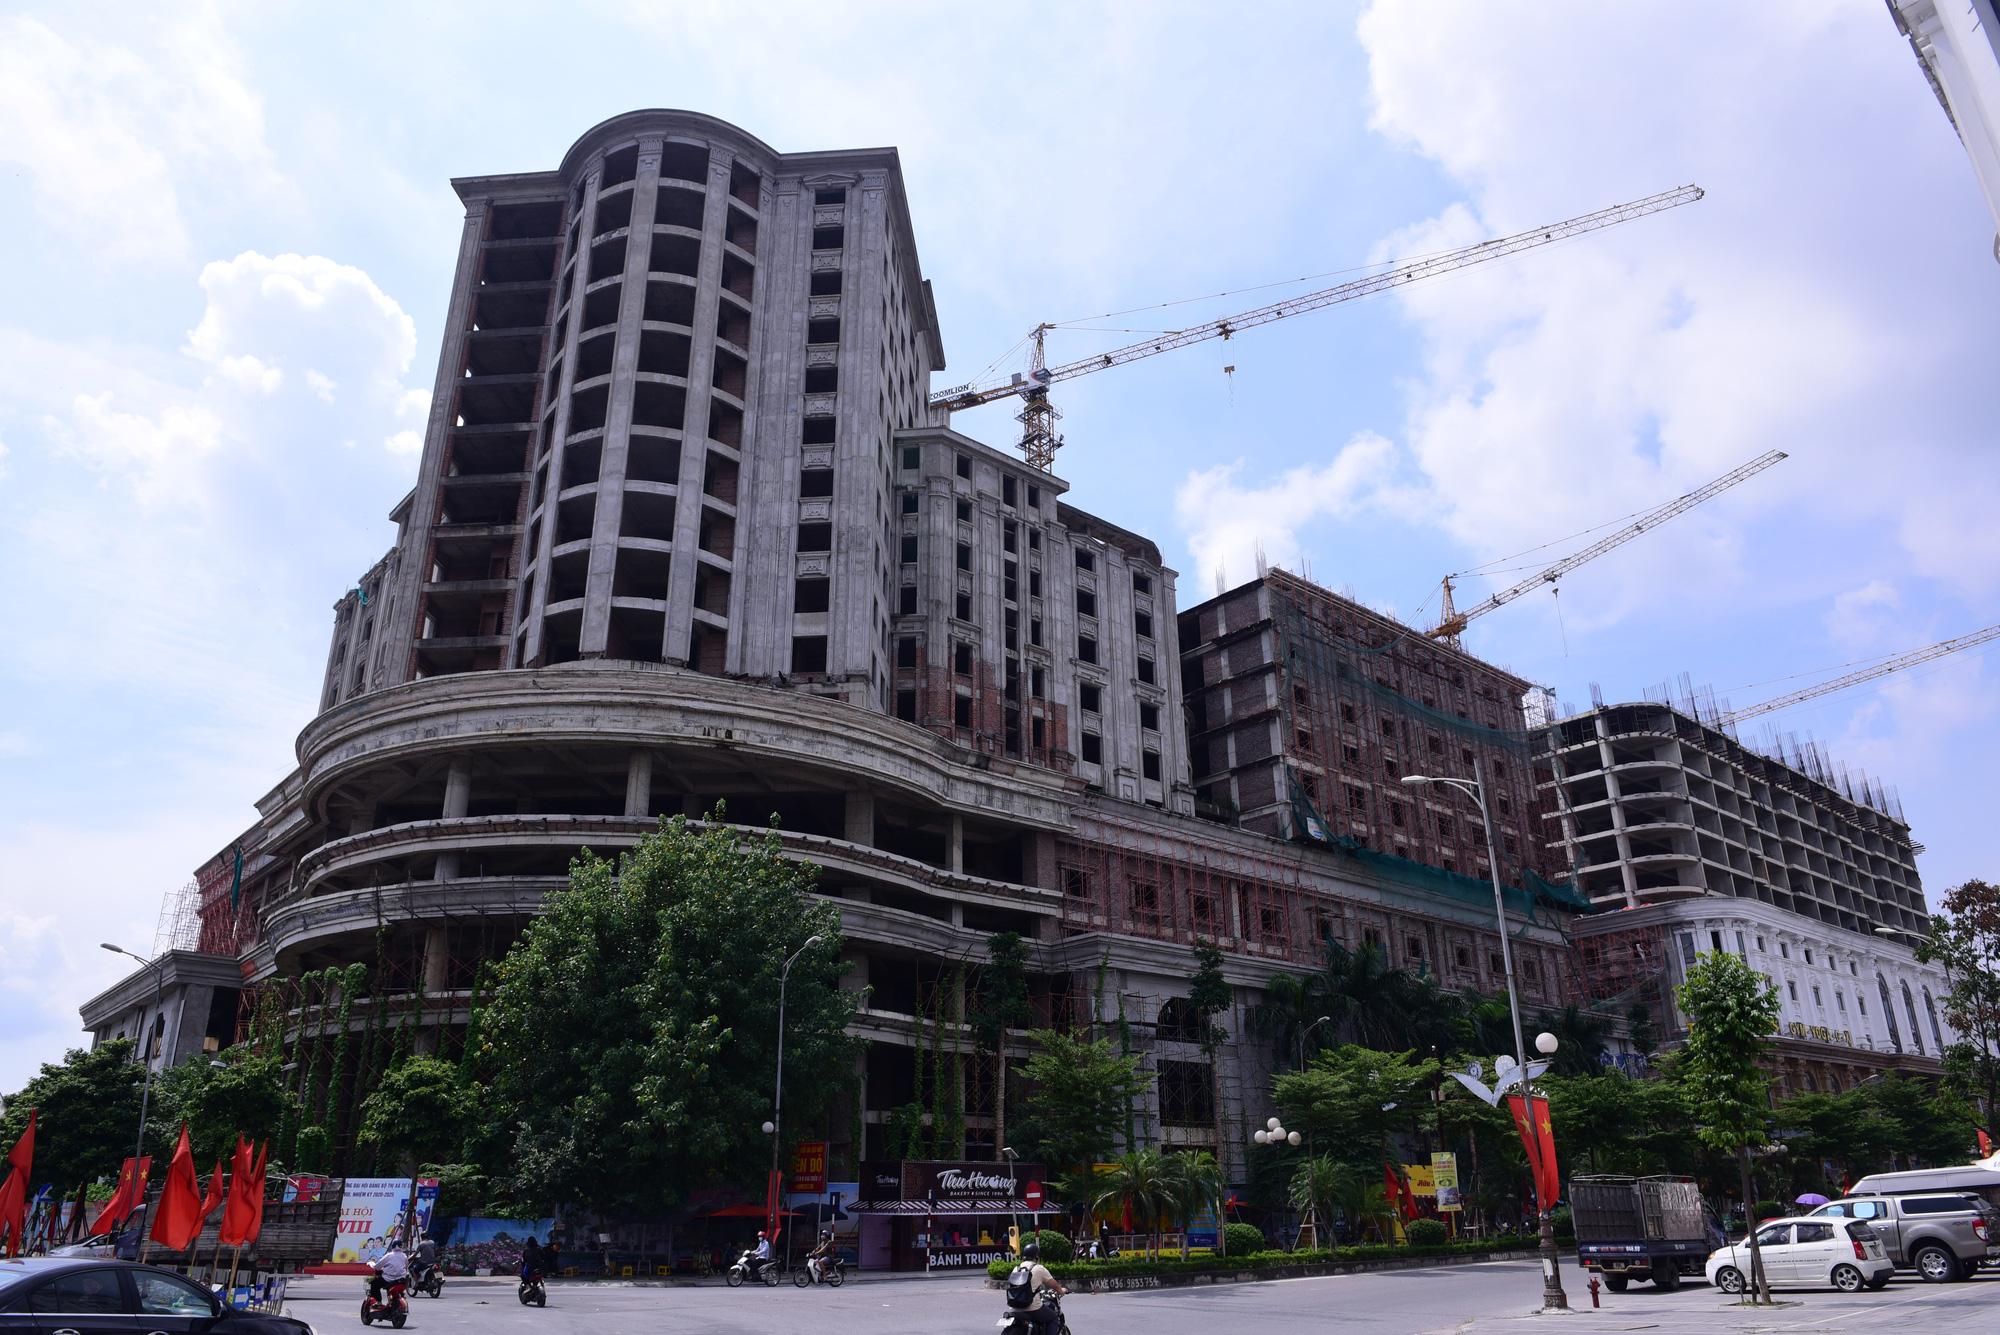 Bắc Ninh: Từ Sơn lên Thành phố, giá bất động sản có tiếp tục tăng? - Ảnh 2.